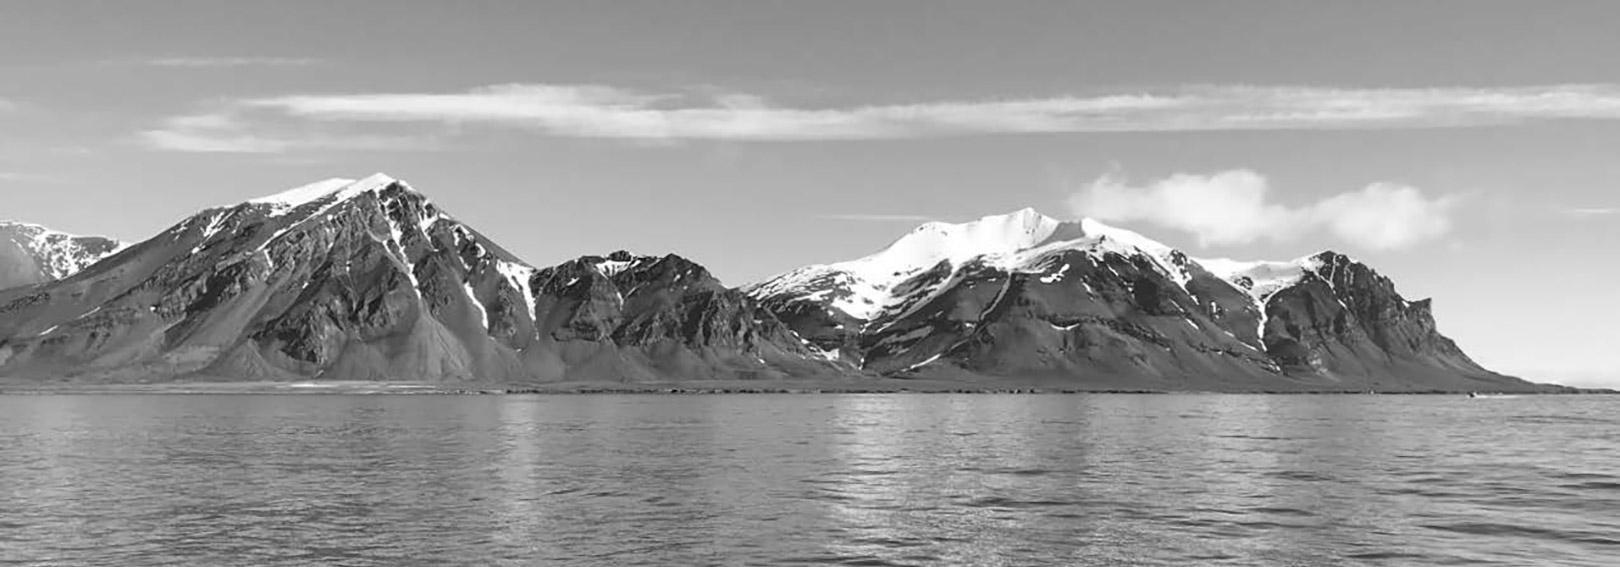 En fantastisk udsigt under fiskeriet ved Svalbard